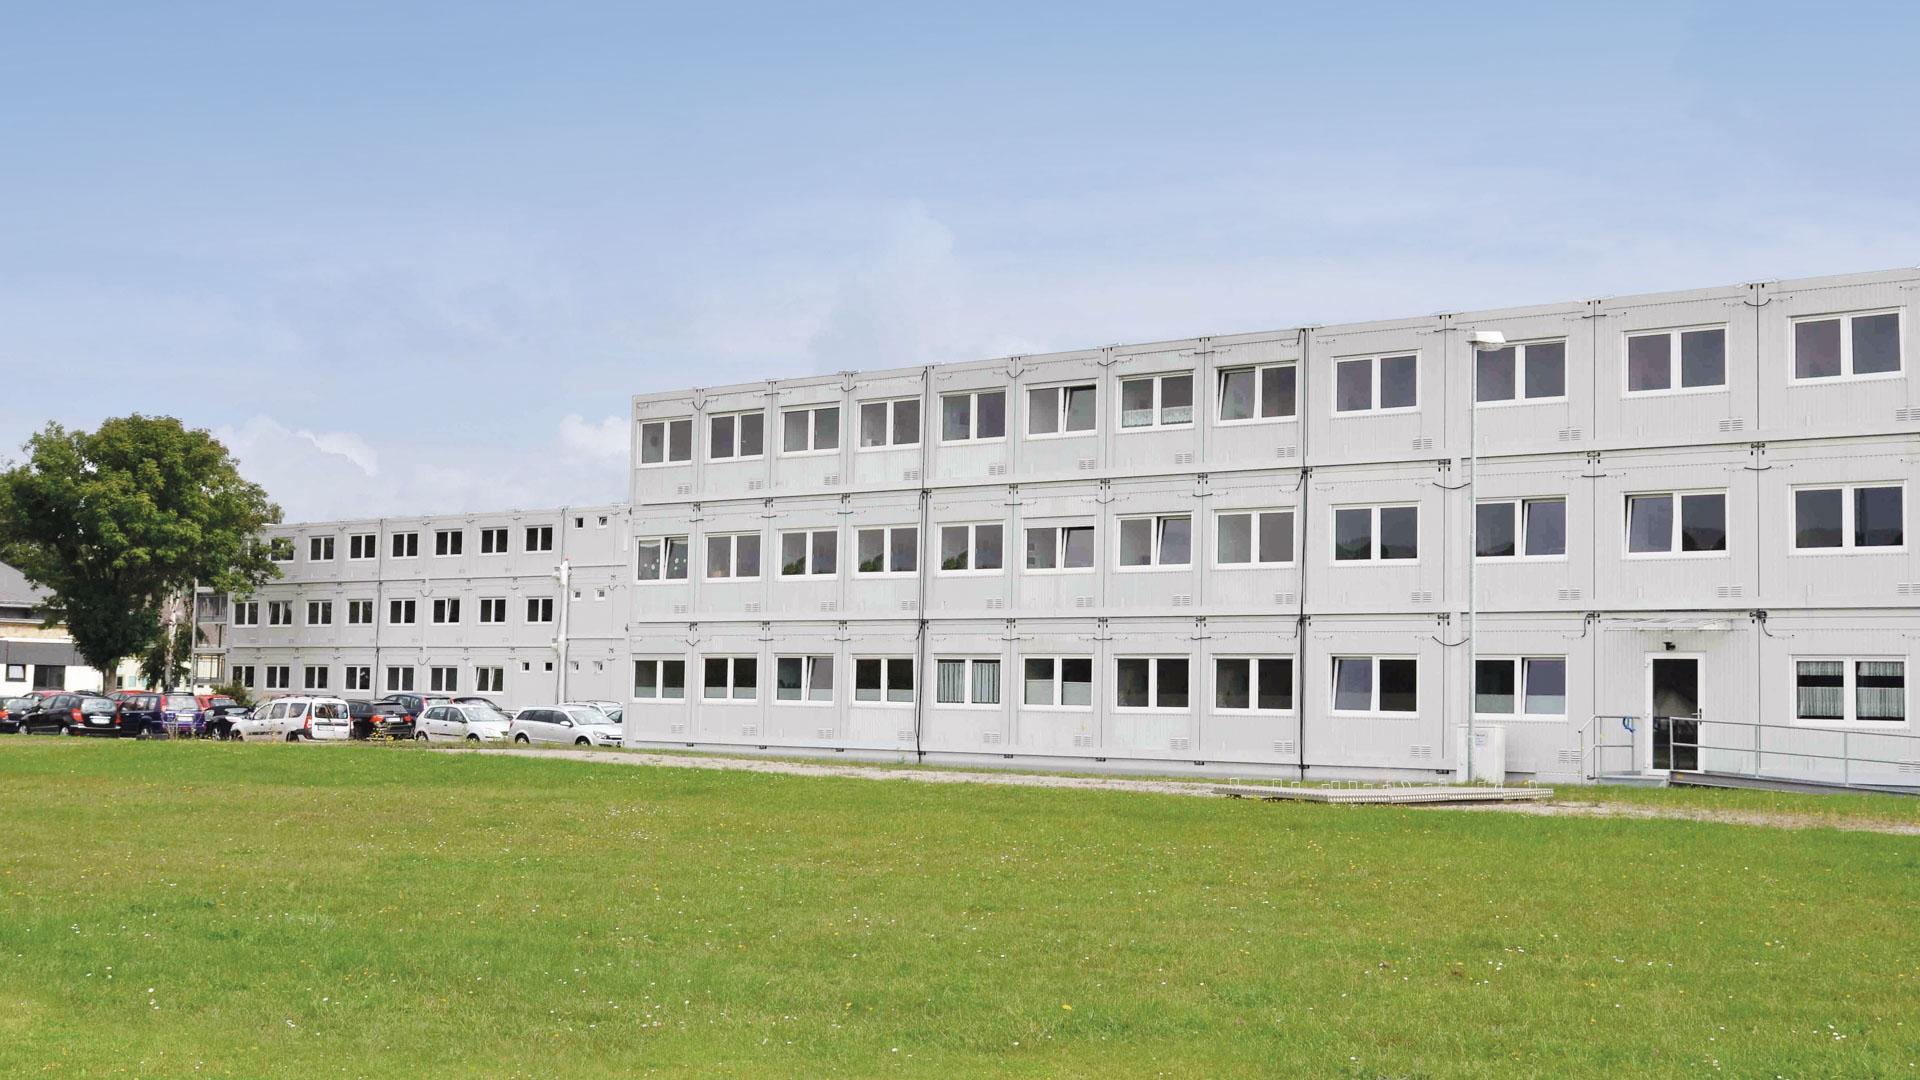 Containervermietung & -Verkauf – OPTIRENT Mobilraum-Mietservice GmbH